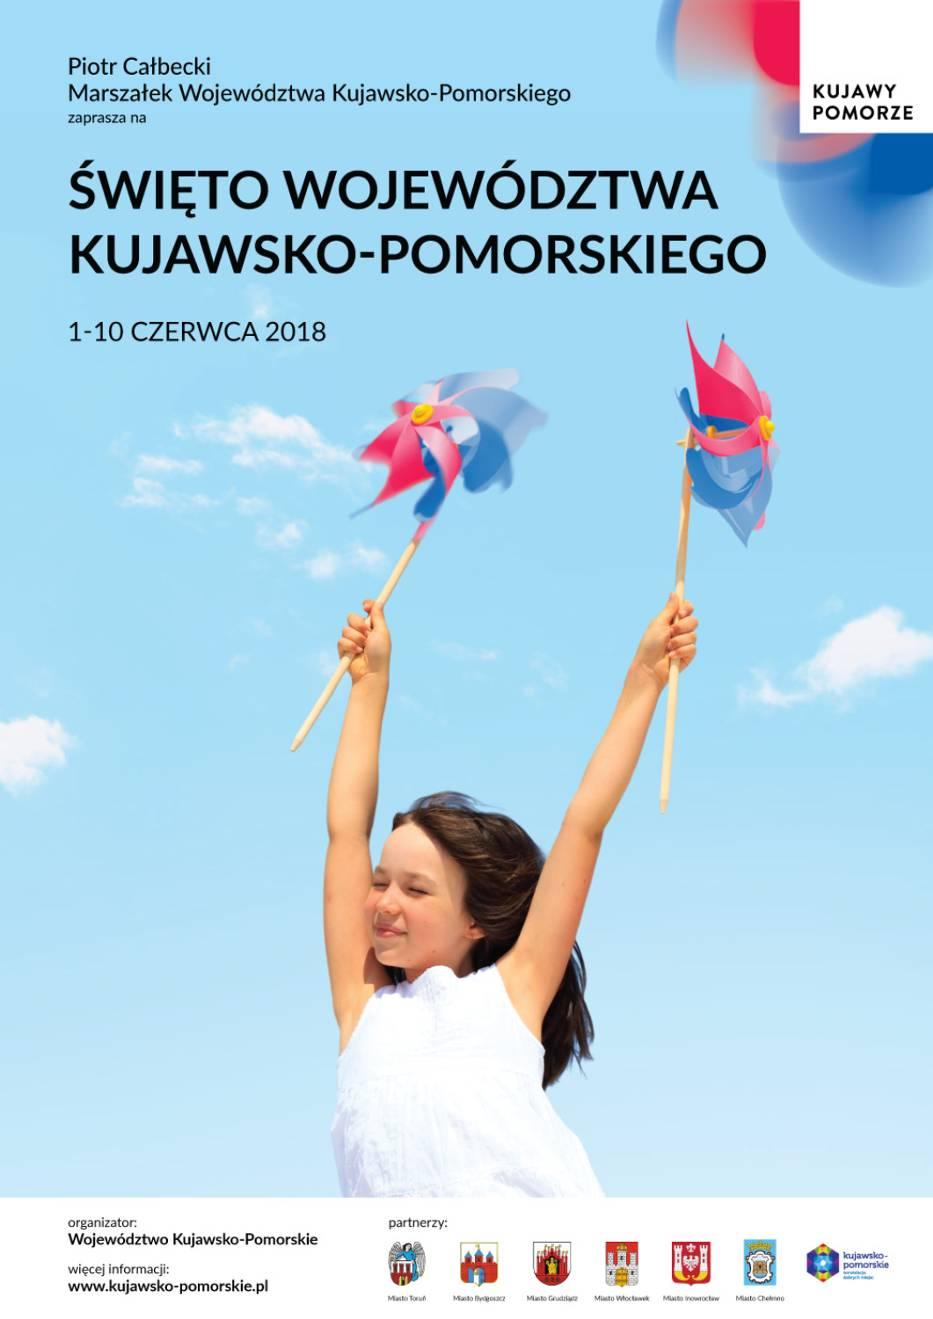 Święto Województwa Kujawsko-Pomorskiego (Włocławek)